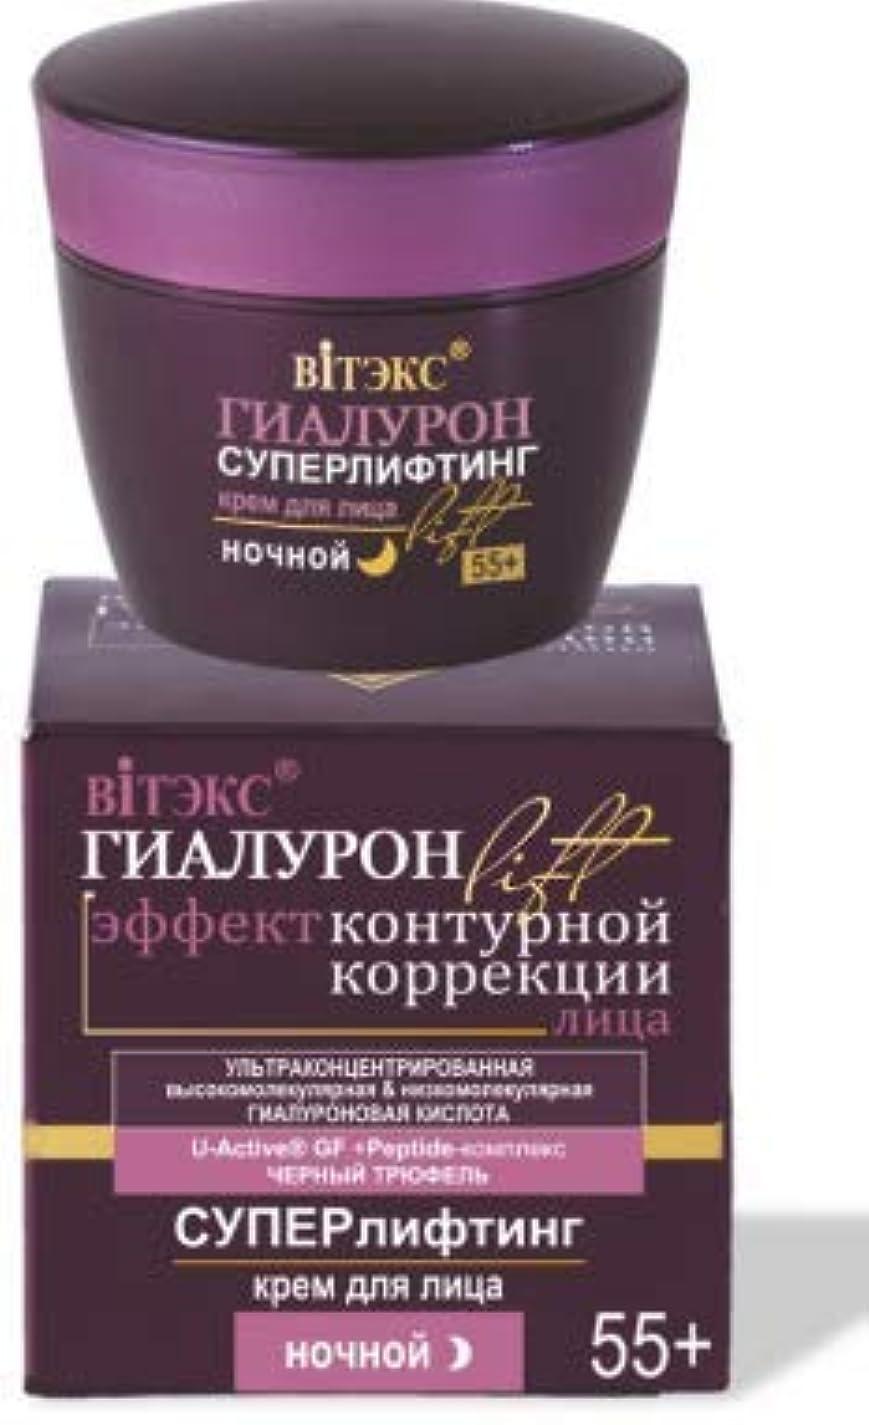 優しいロッカー文字NIGHT Cream for face 55+ - Super Lifting   Tightens The face Oval, Struggles with The Sagging of The Skin, restores The Shape of cheekbones, Cheeks and Chin   45 ml